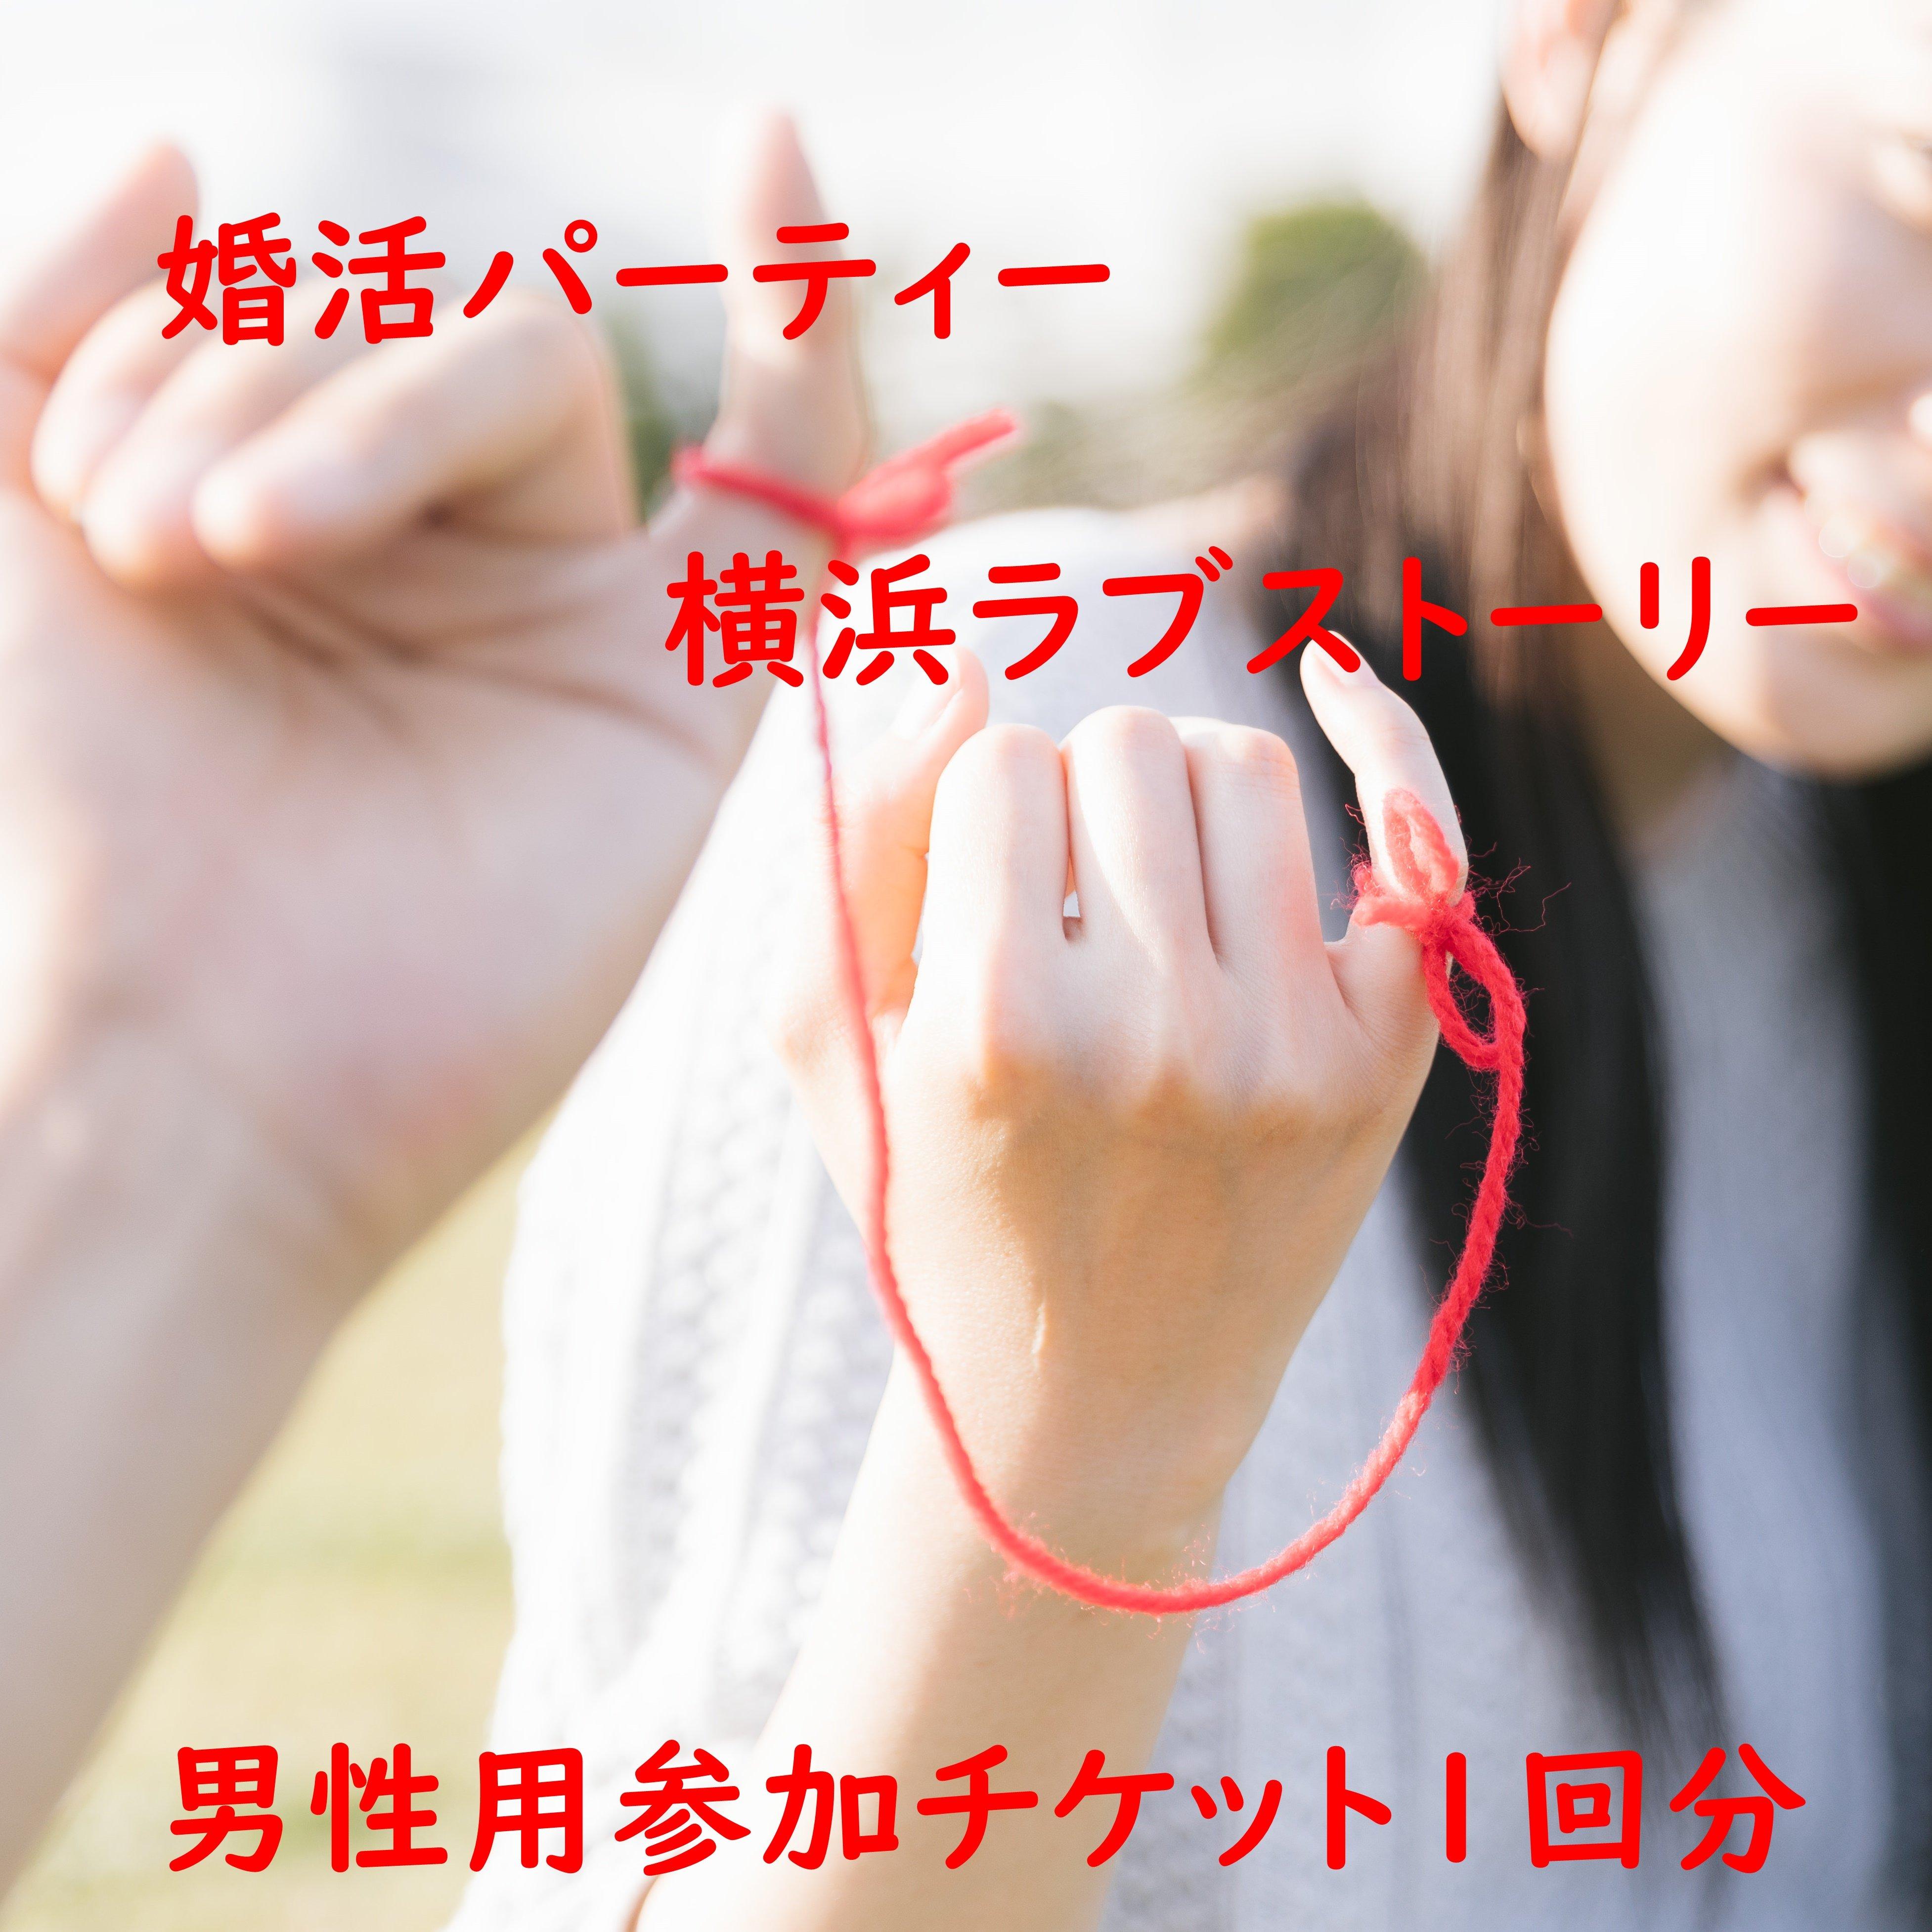 ★高ポイント還元★【オンライン婚活パーティー】横浜ラブストーリー 7月 4日 女性参加チケットのイメージその2